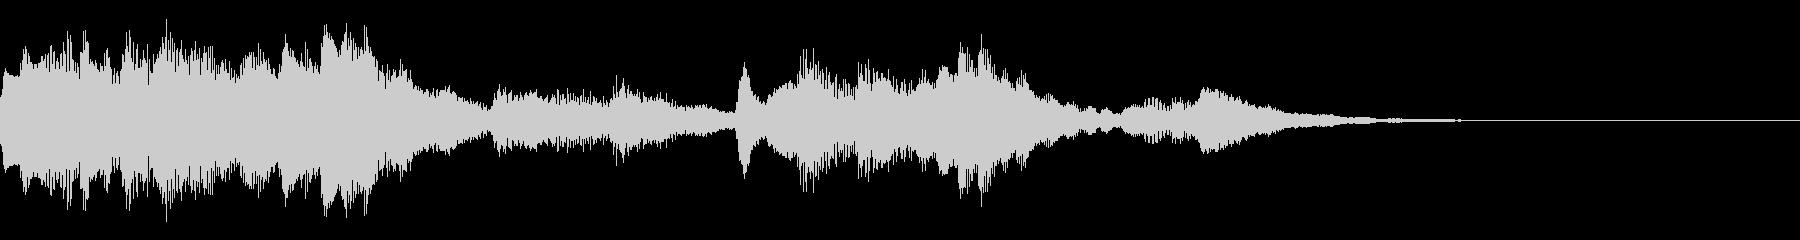 神秘的なクリスタル音06- ジングルCMの未再生の波形